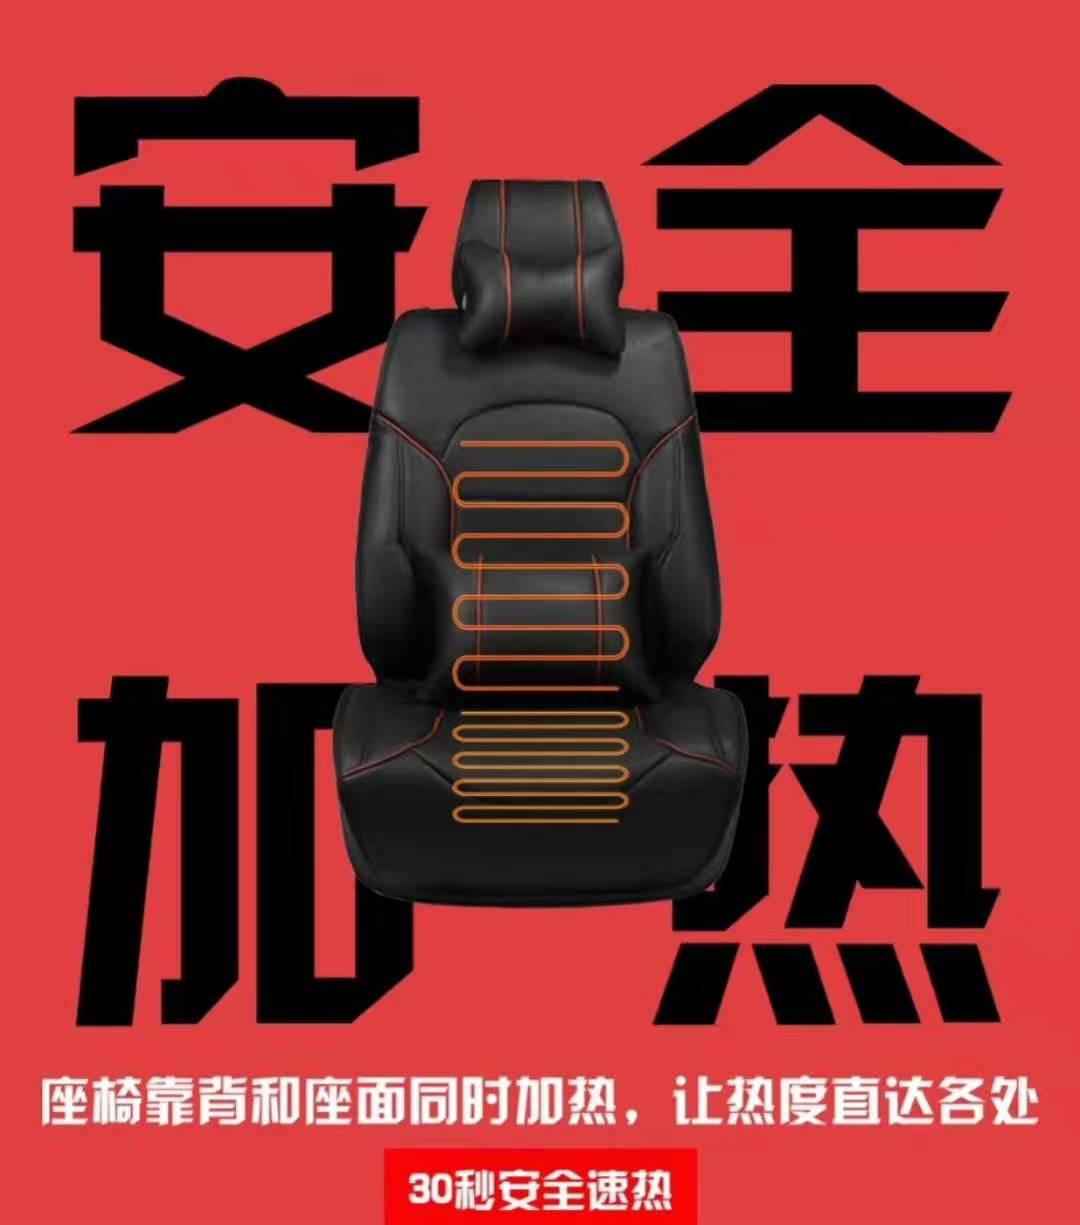 徐州汽车座椅改电加热